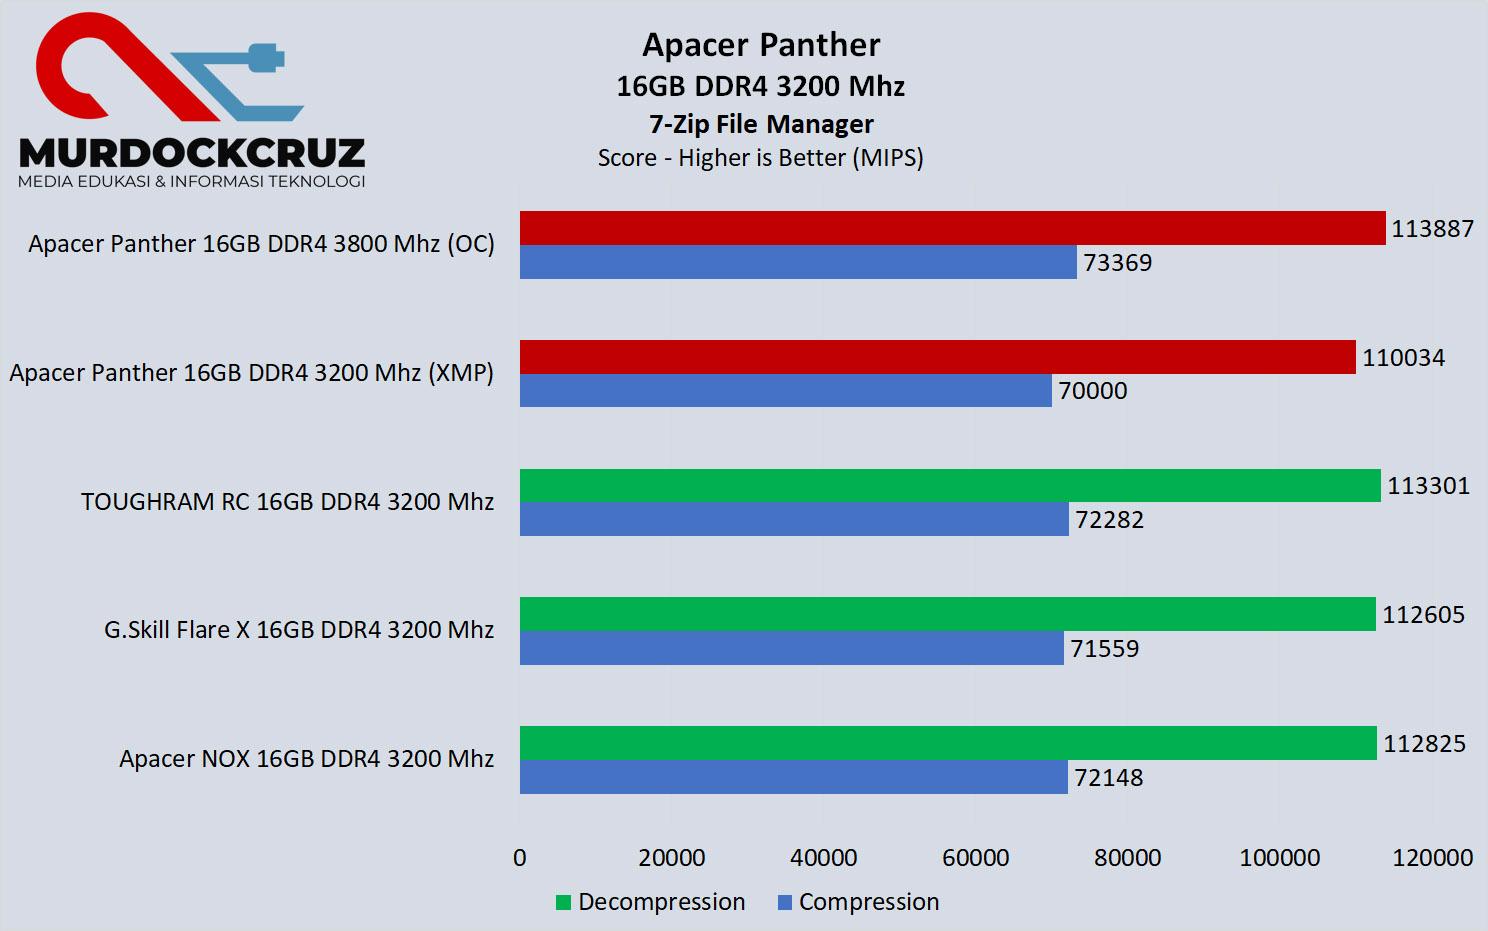 Apacer Panther 16GB